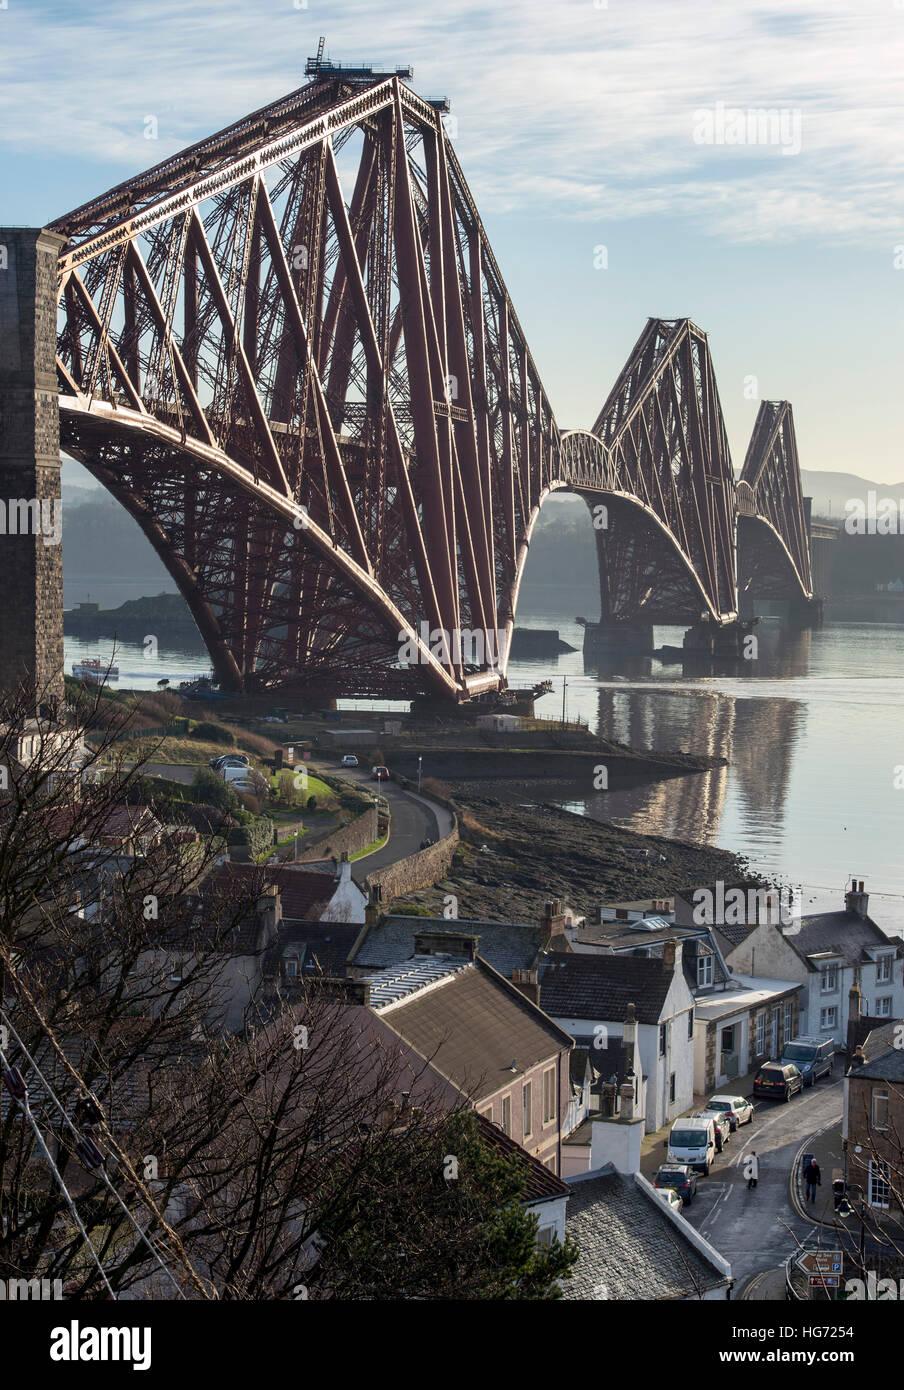 Le Forth Rail Bridge vue du village de North Queensferry en regardant vers le sud sur le Firth of Forth. Photo Stock